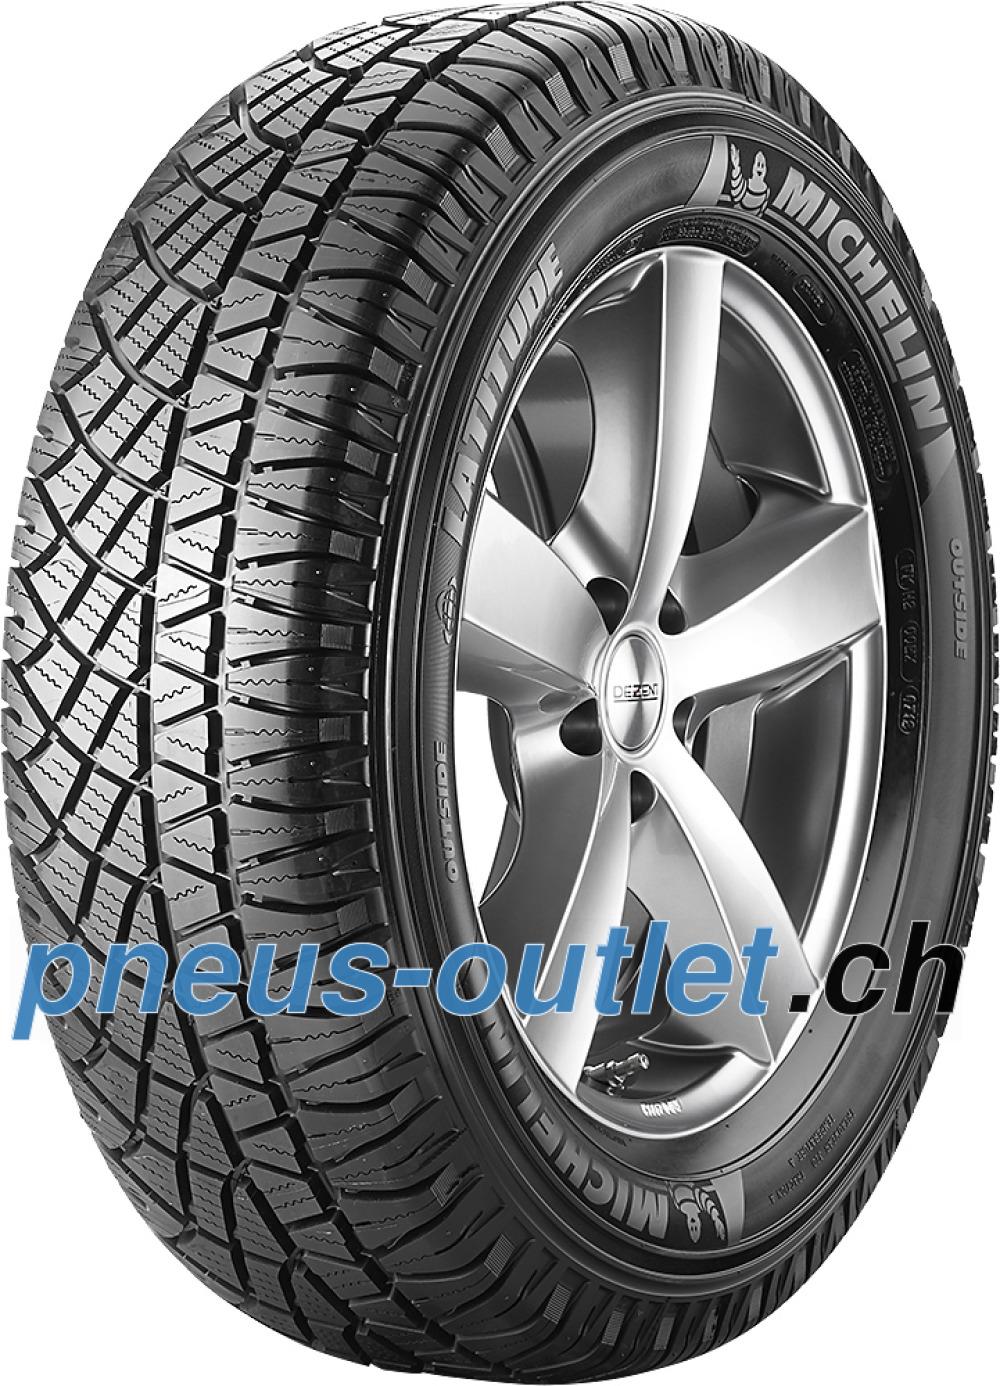 Michelin Latitude Cross ( 7.50 R16C 112/110S )